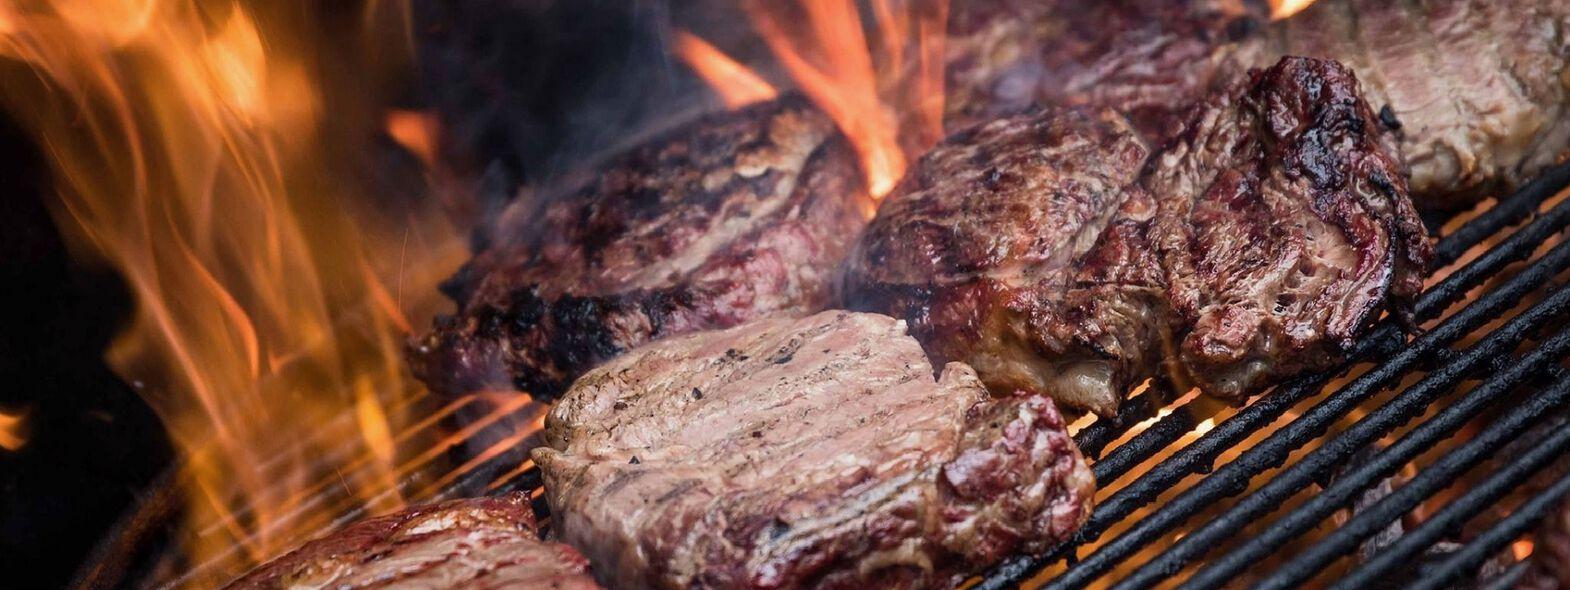 Meat & Eat